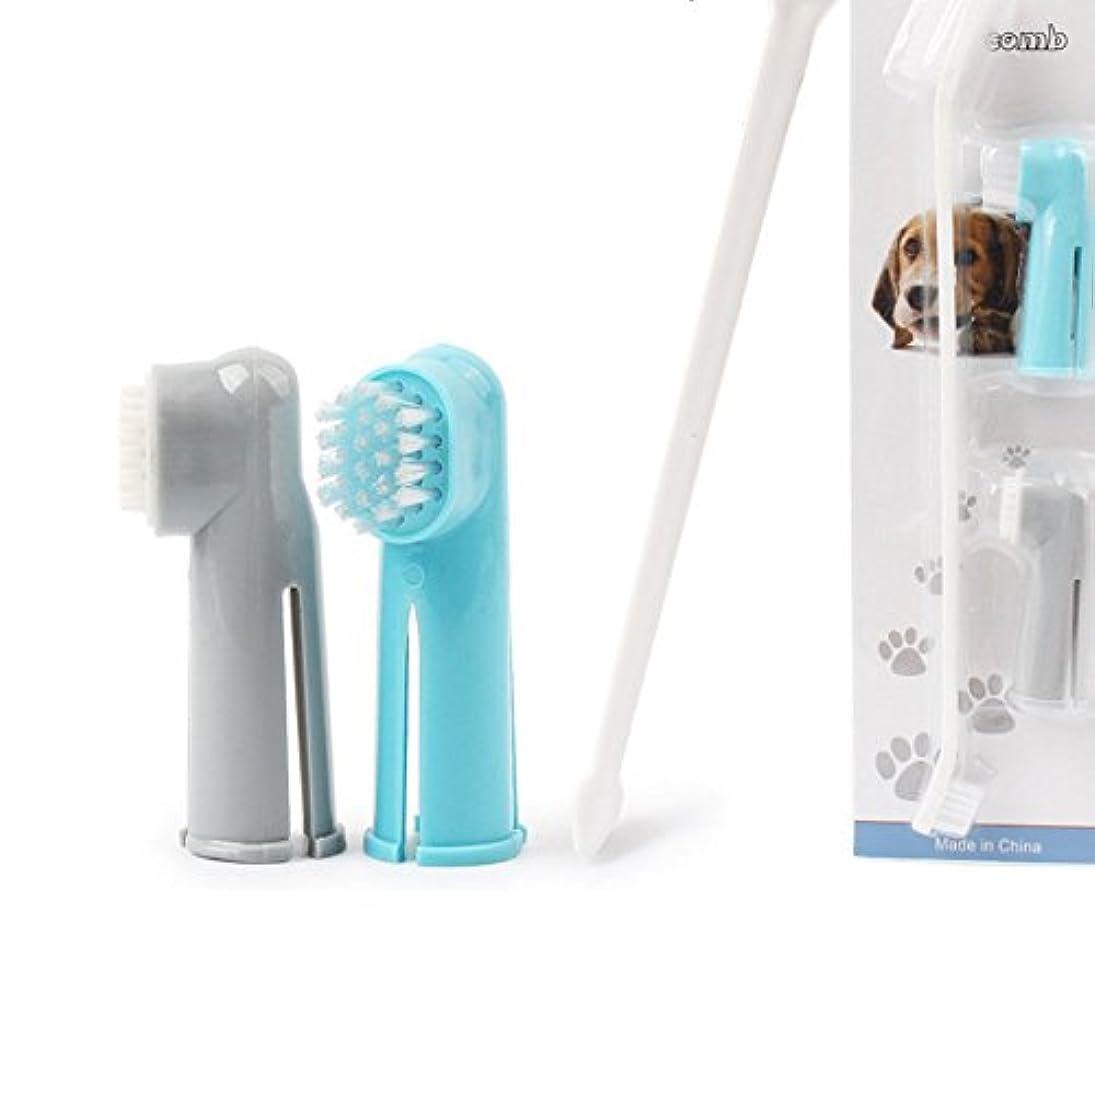 中傷類推ひもBartram 指歯 ブラシ 犬猫用歯ブラシ 歯磨き フィンガータイプ ソフト フィンガータイプ デンタルケア 3ピースセット